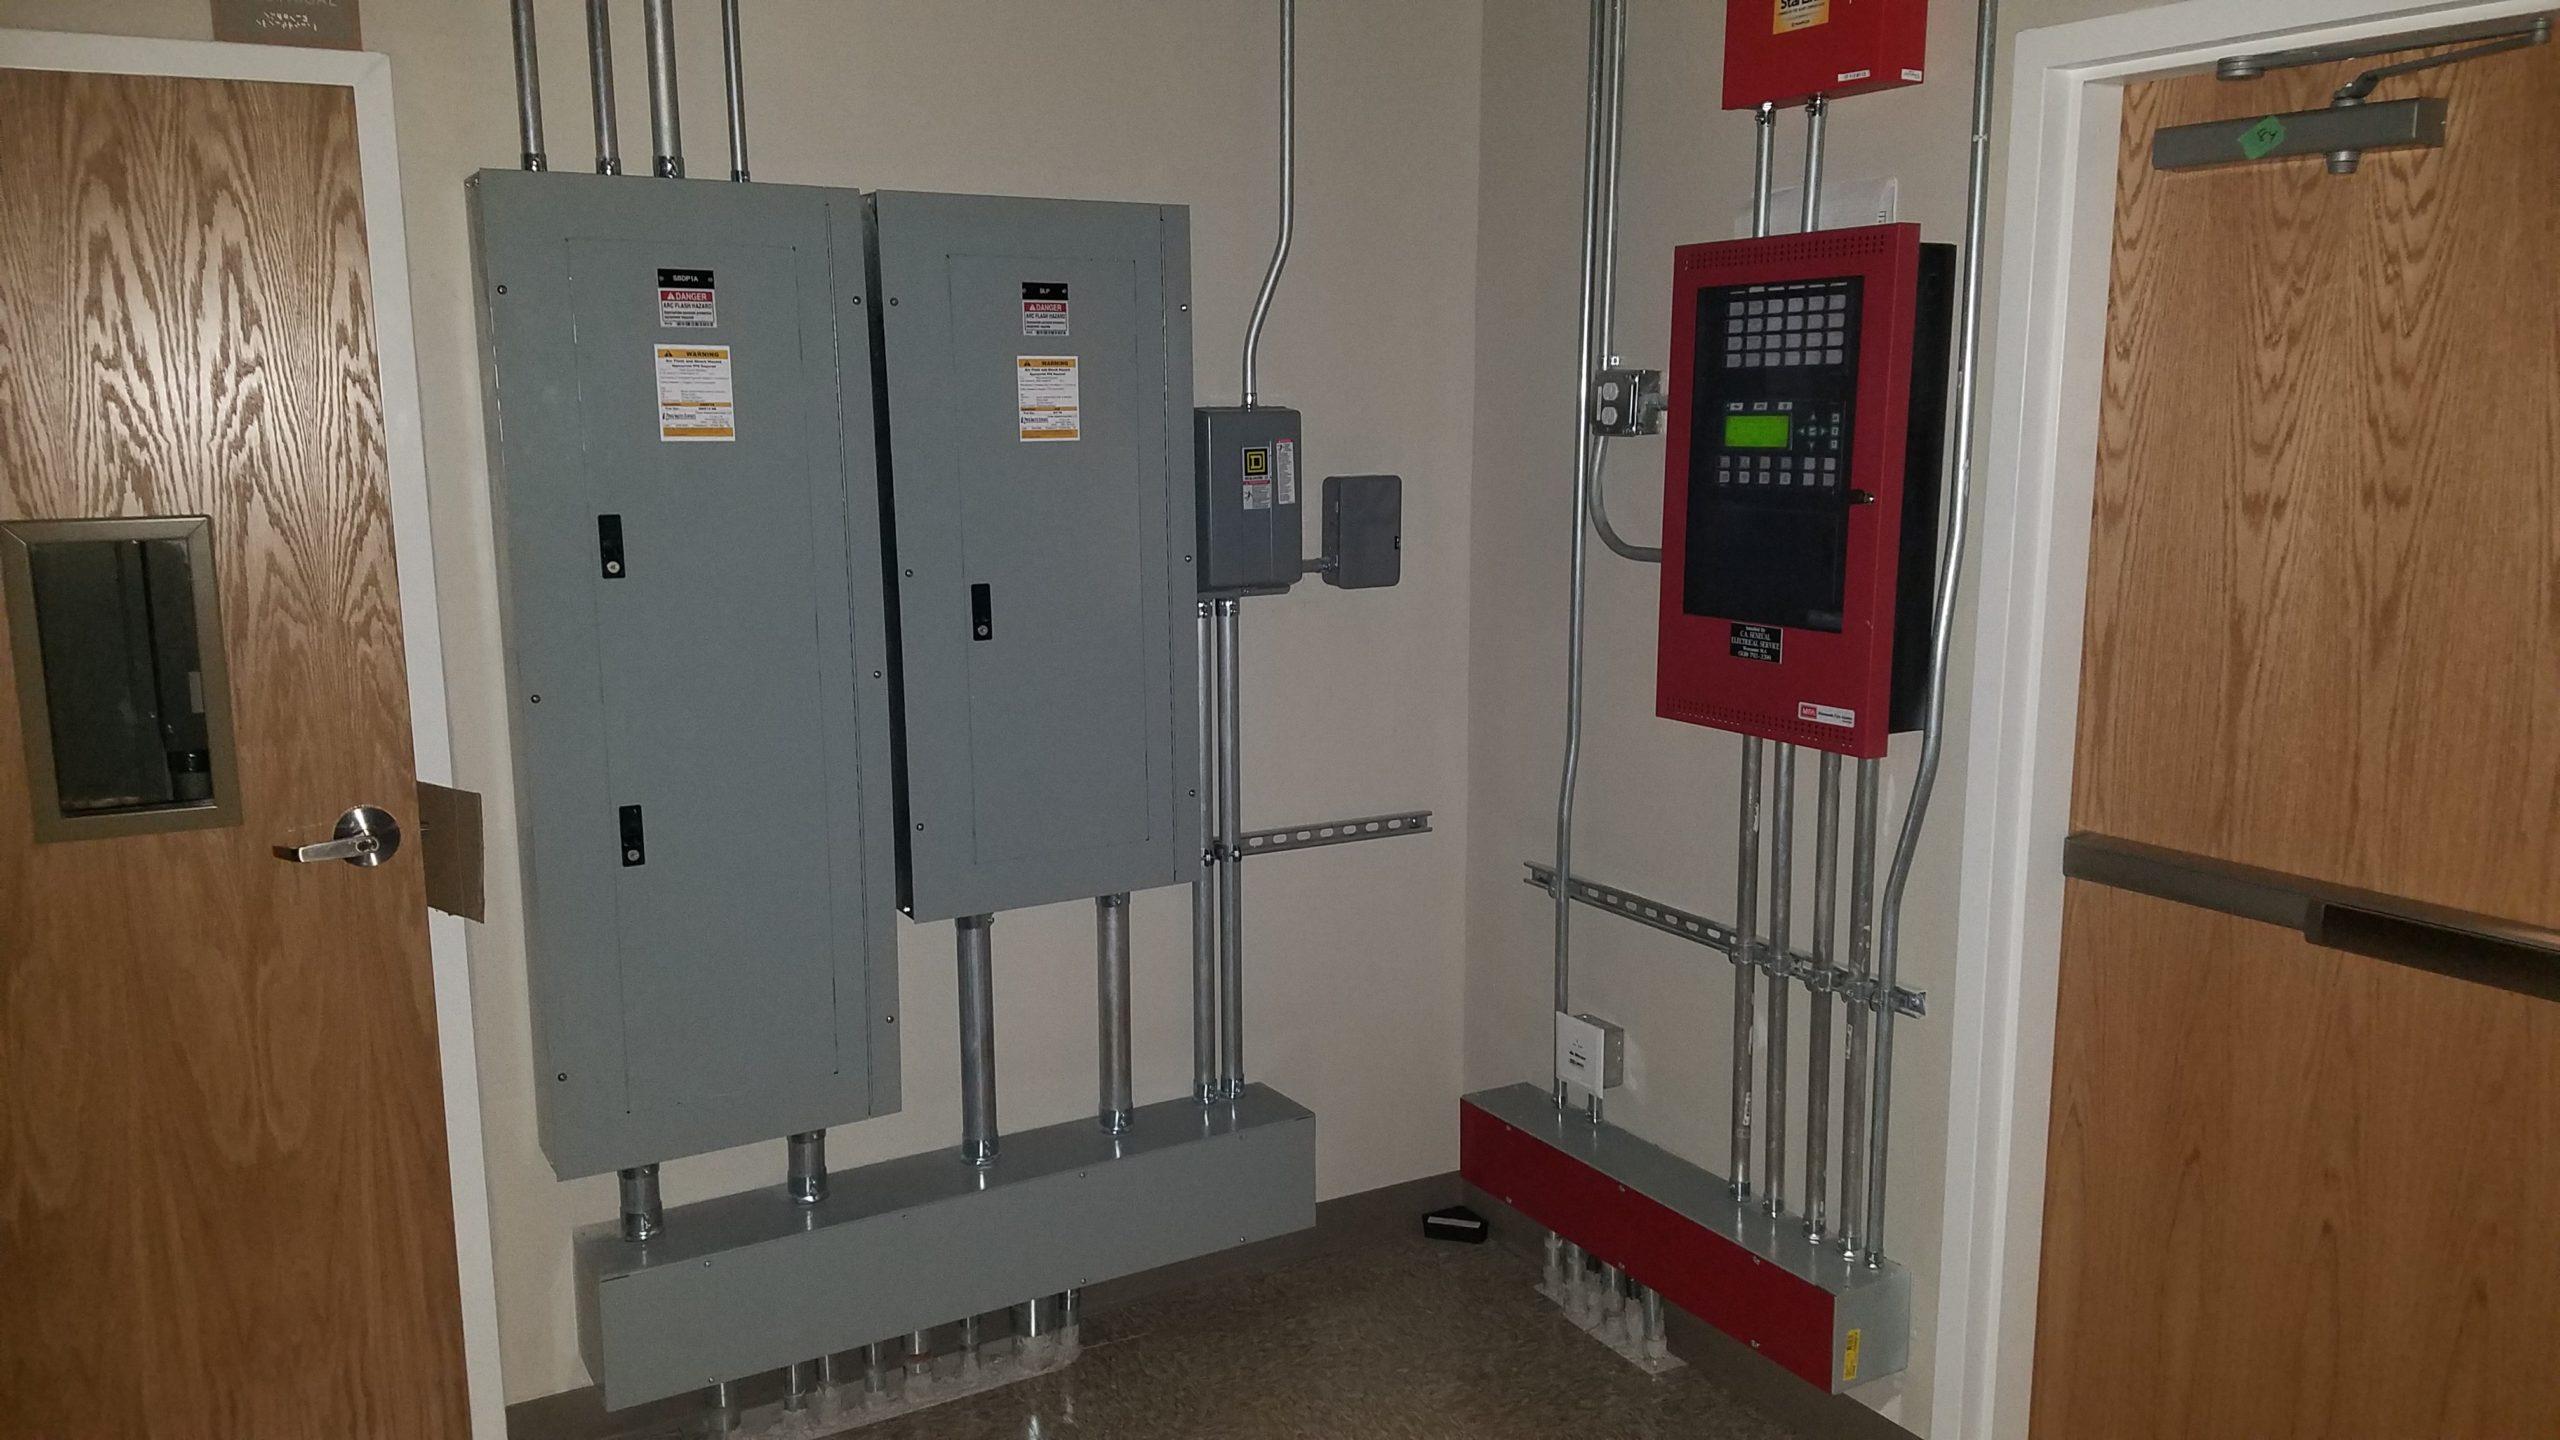 East Longmeadow Electrical